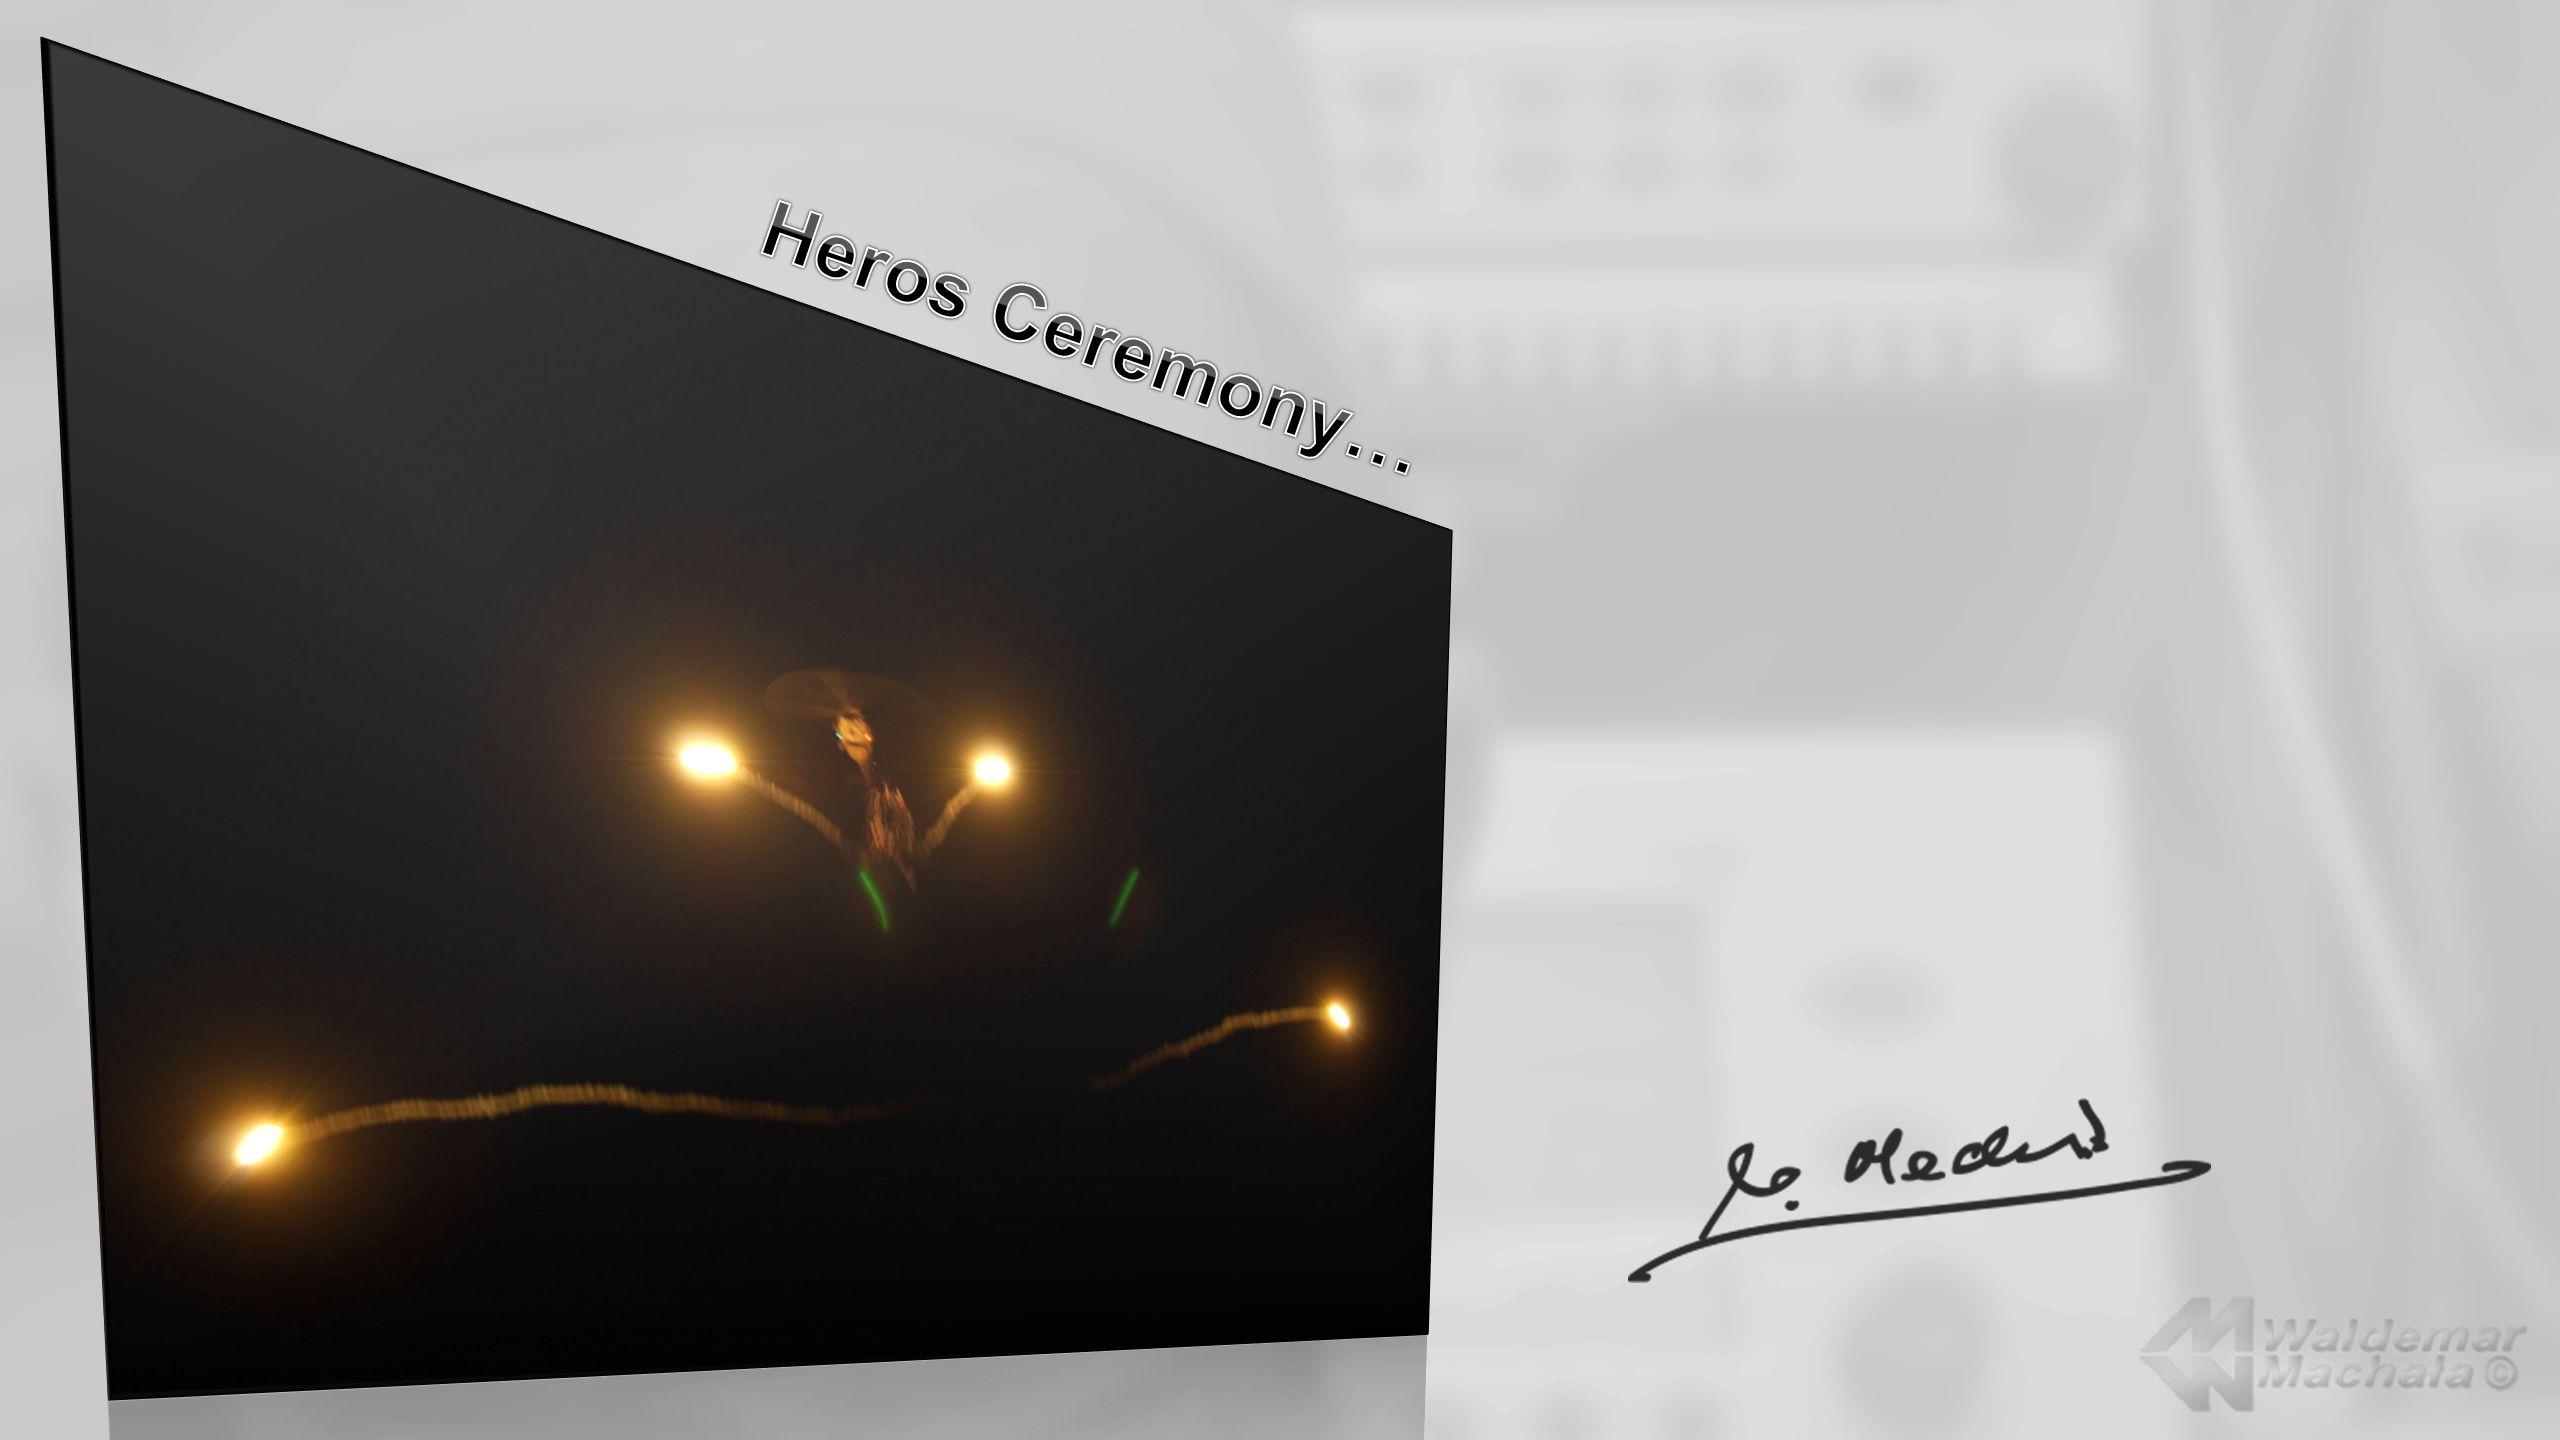 Heros Ceremony…